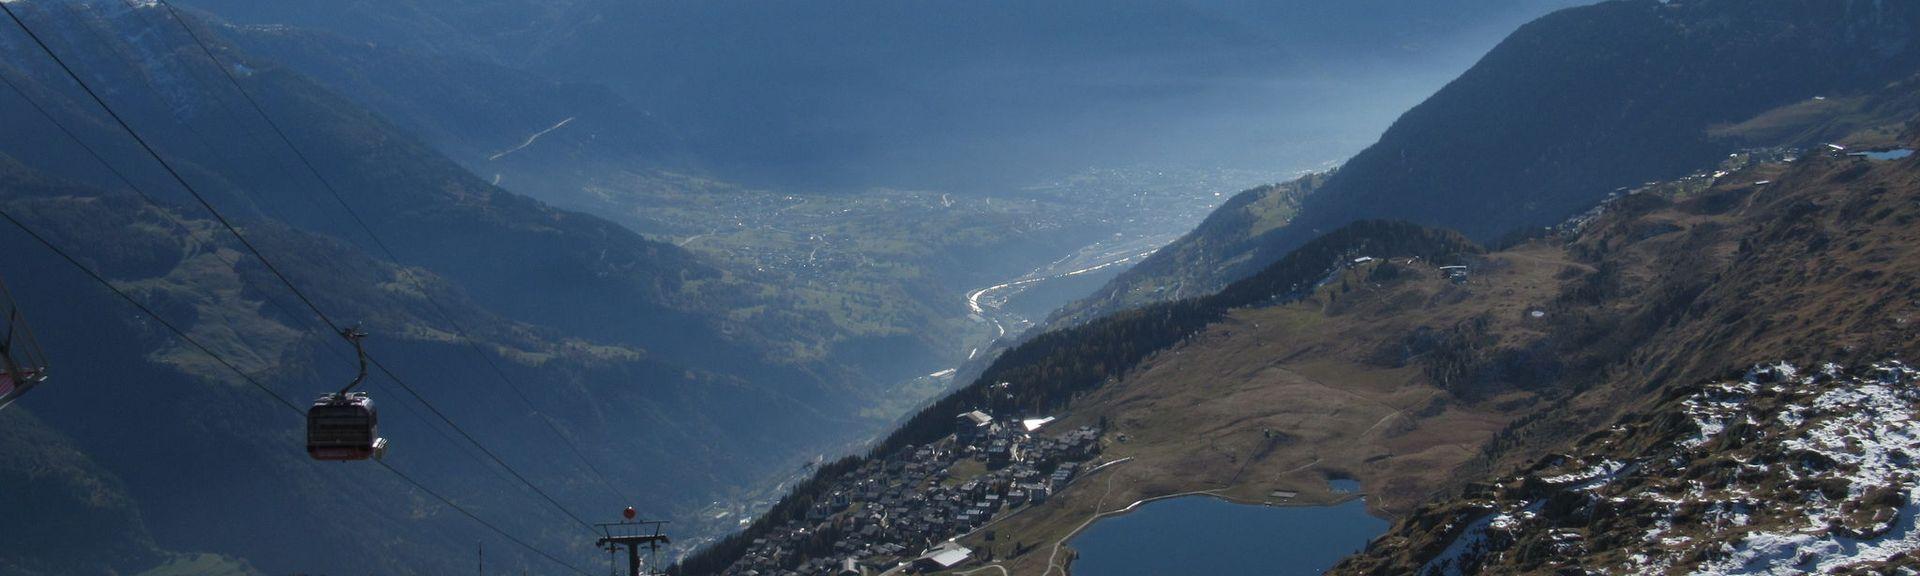 Niederwald, Switzerland